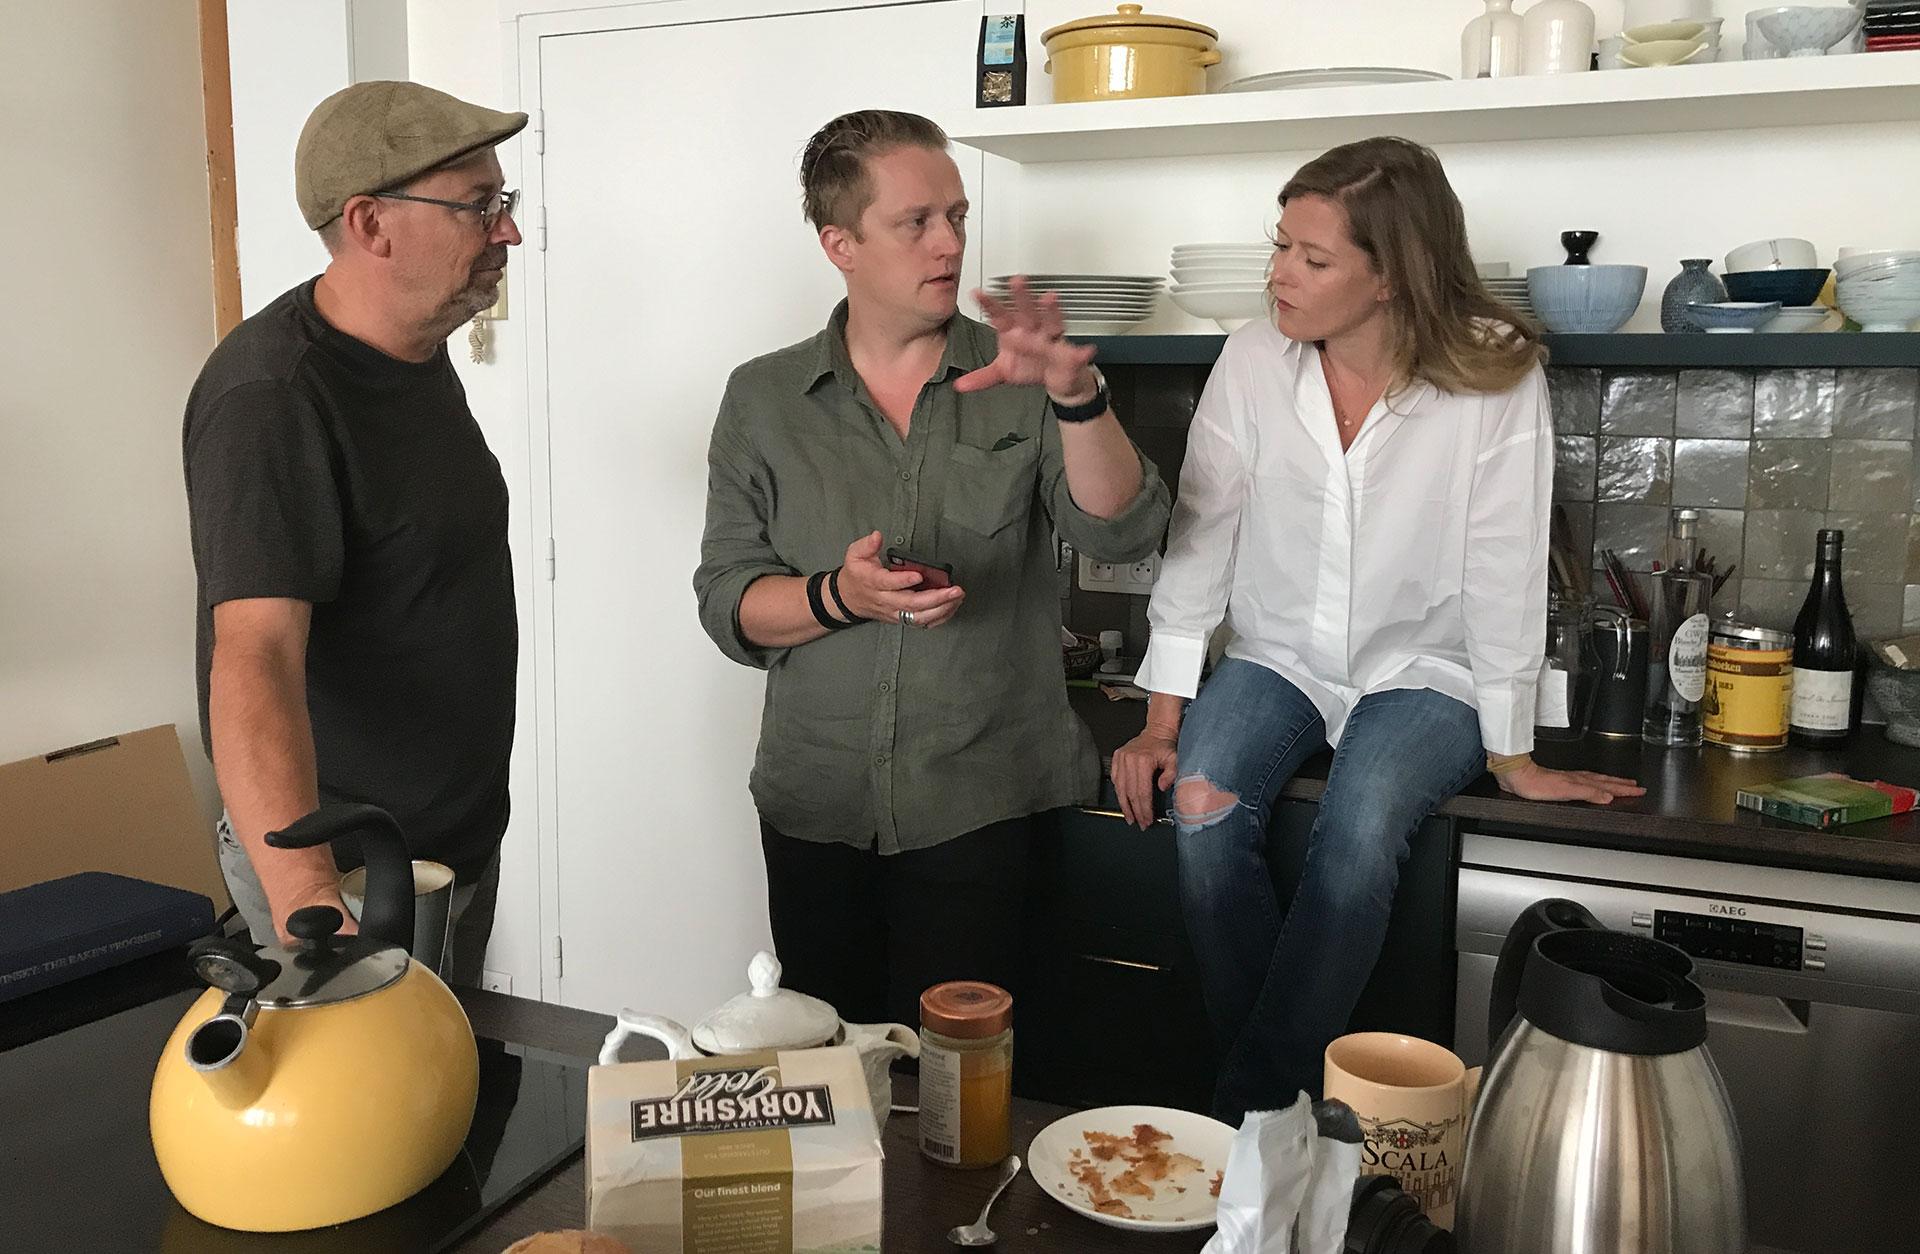 Mats Bäcker, Linus Fellbom och Barbara Hannigan pratar i Barbaras kök.